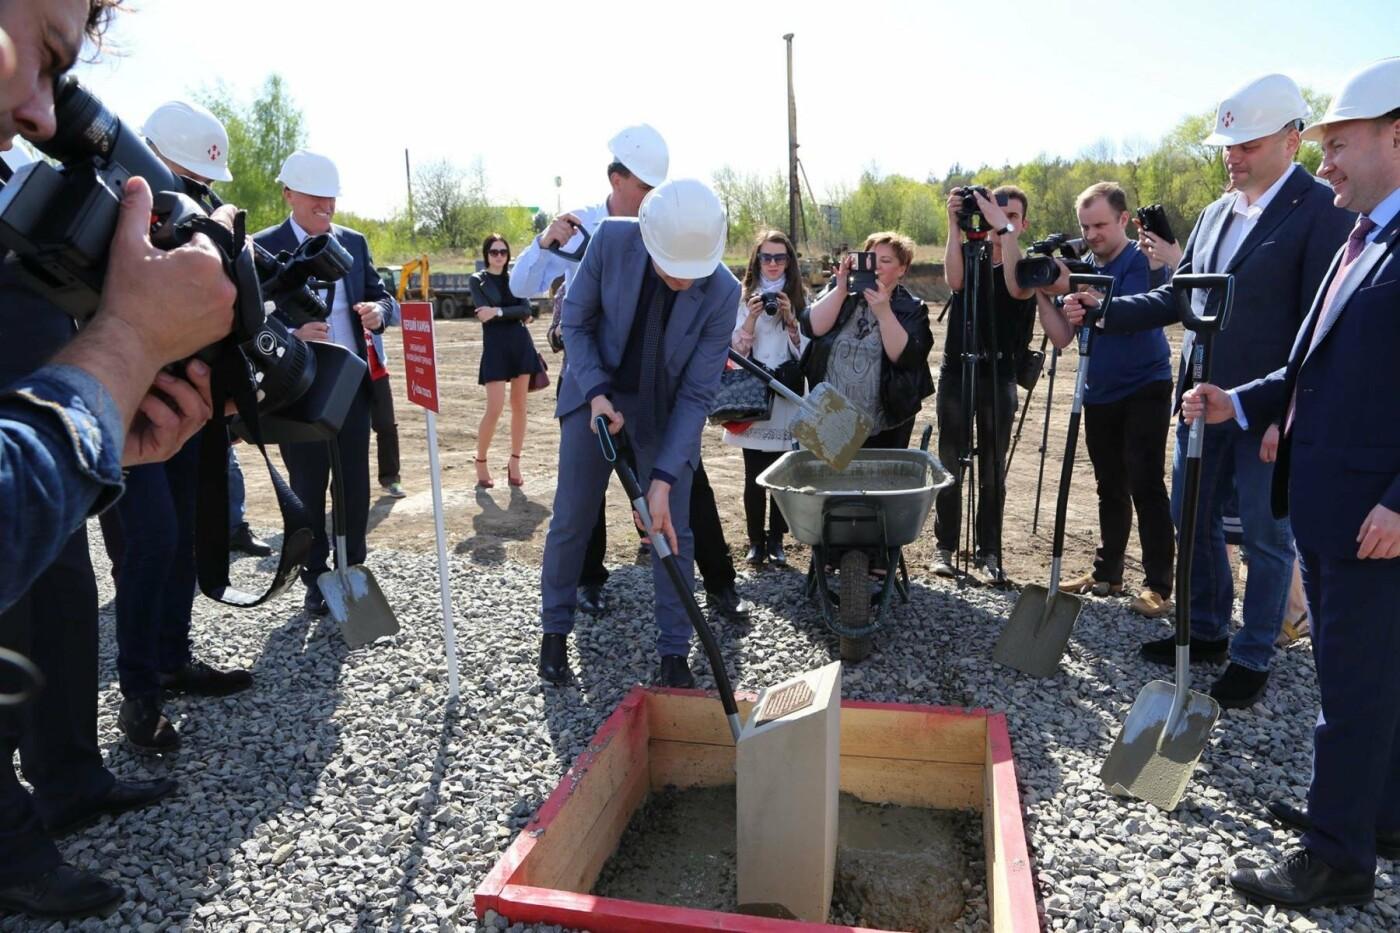 Хмельницький стане центром однієї з логістичних моделей транспортної компанії, фото-8